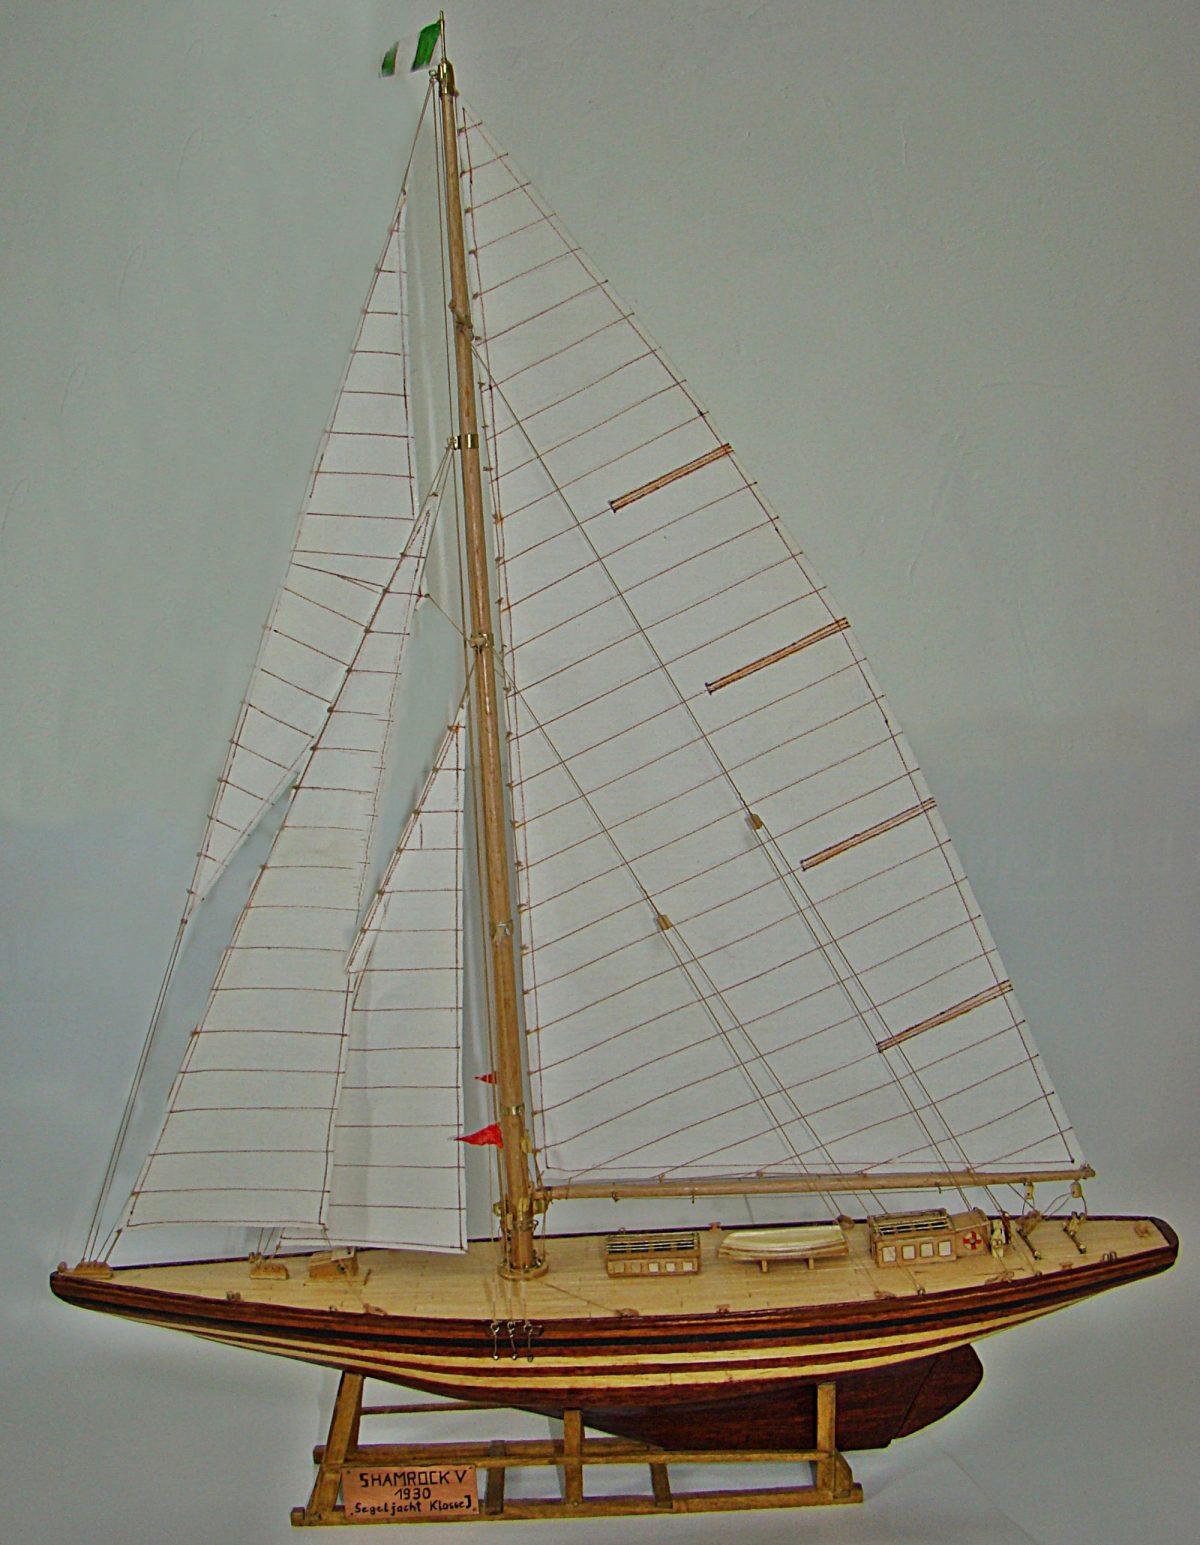 Shamrock, America's Cup, historisches Schiffsmodell